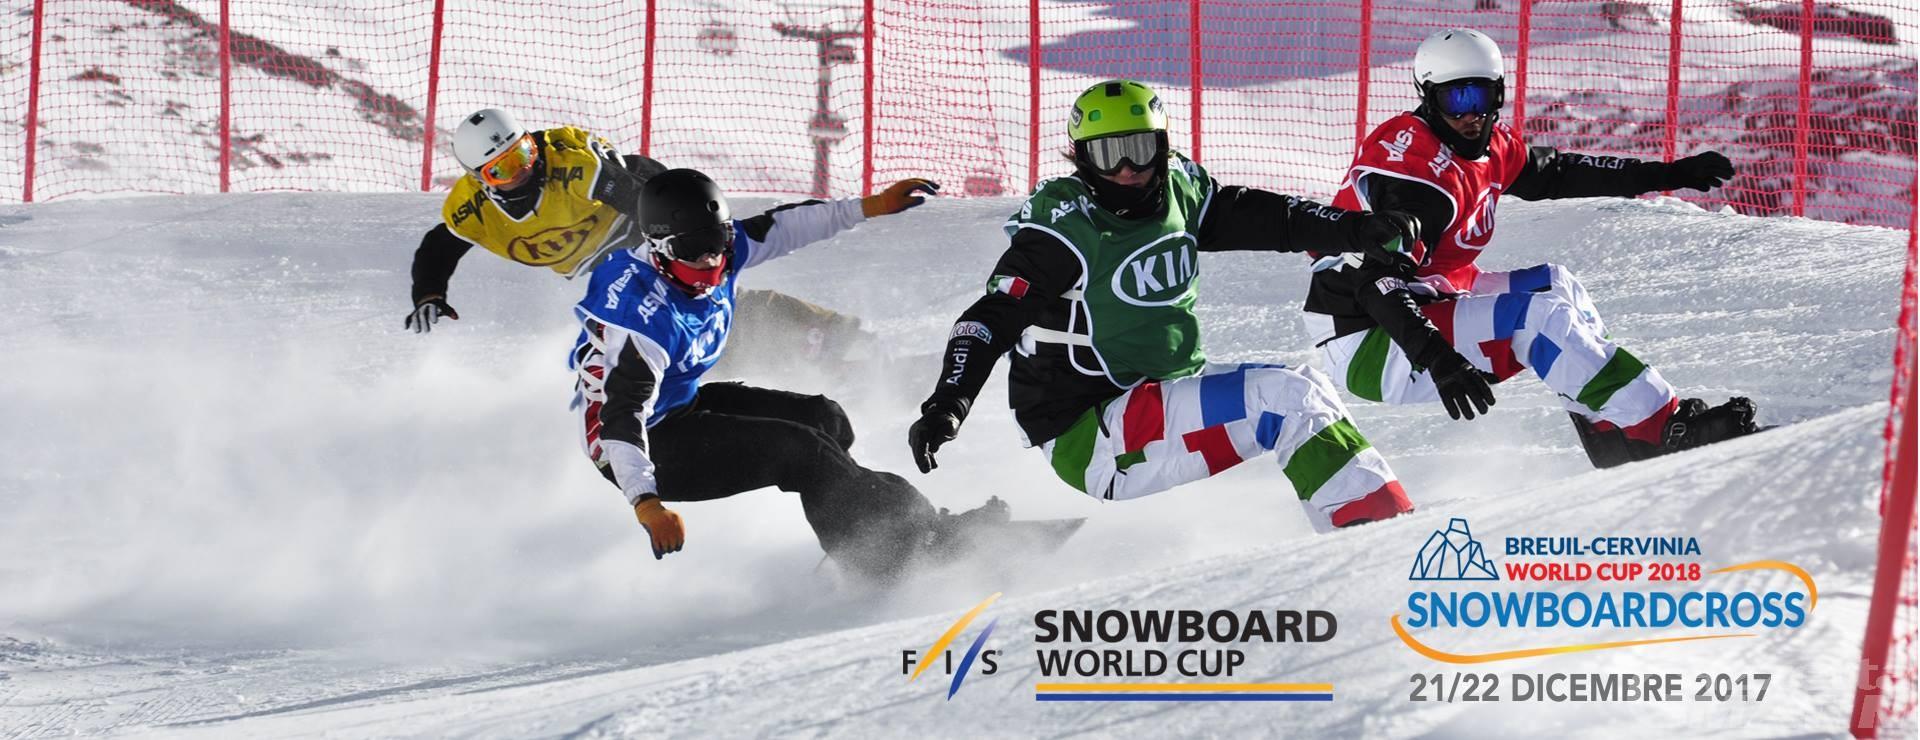 Coppa del Mondo: confermato lo snowboardcross di Cervinia